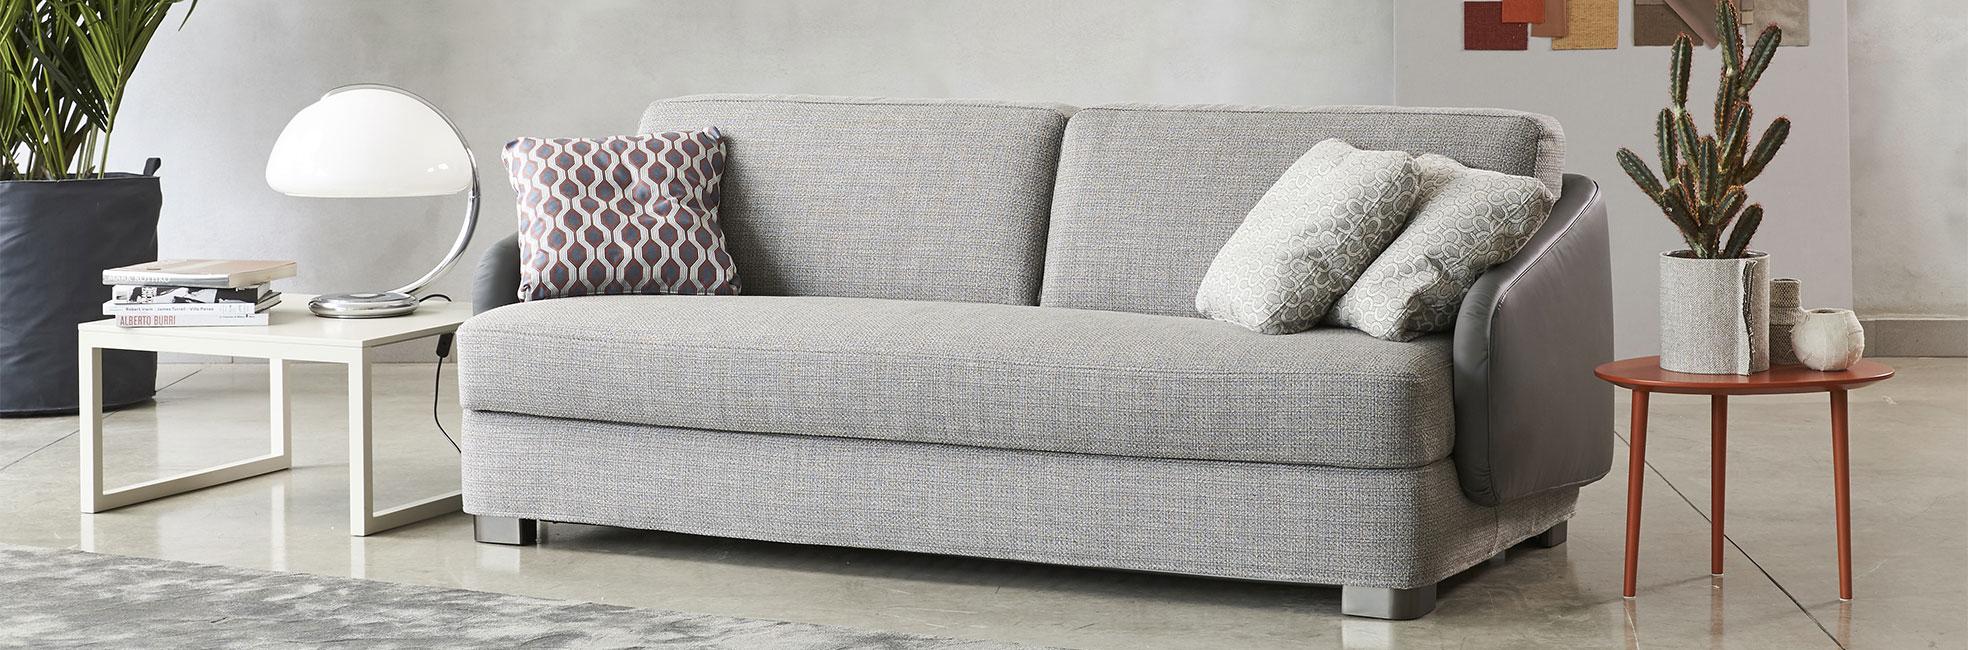 Low back double sofa bed Vivien